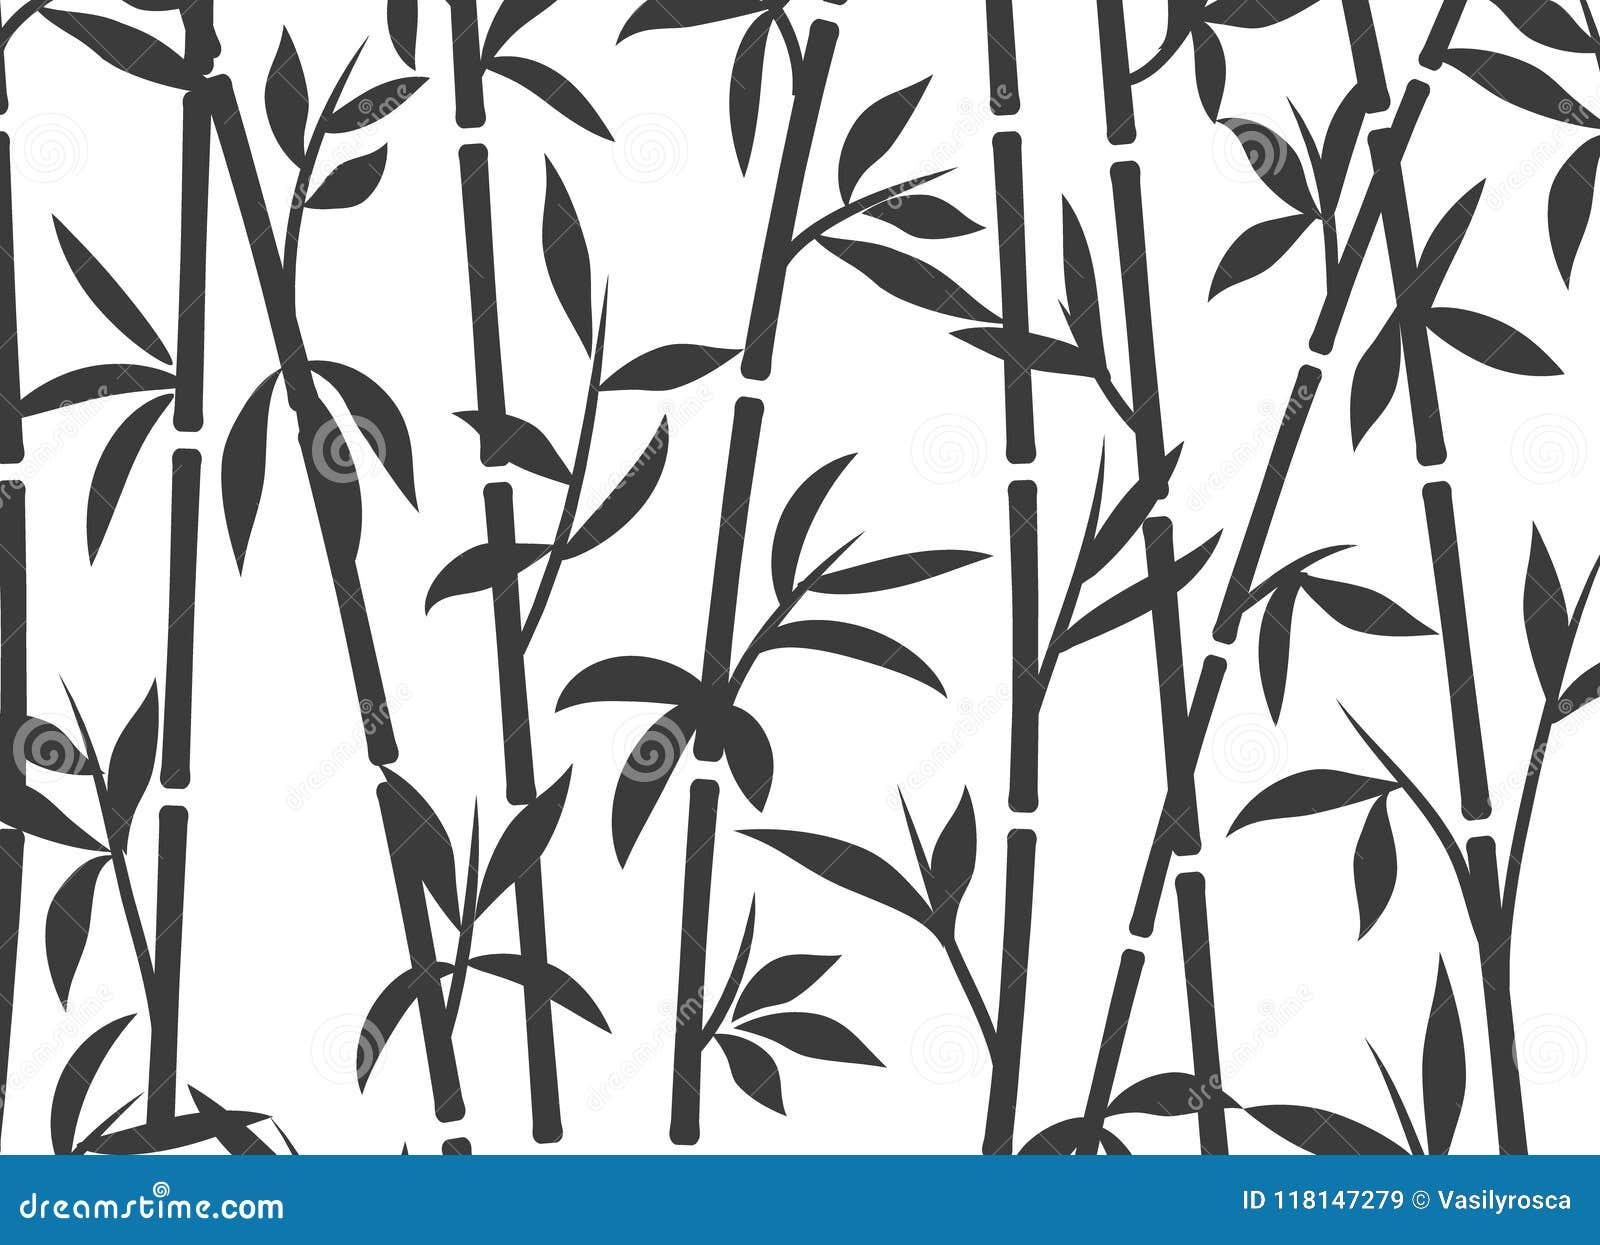 herbe asiatique japonaise de papier peint d 39 usine de fond en bambou mod le en bambou de vecteur. Black Bedroom Furniture Sets. Home Design Ideas